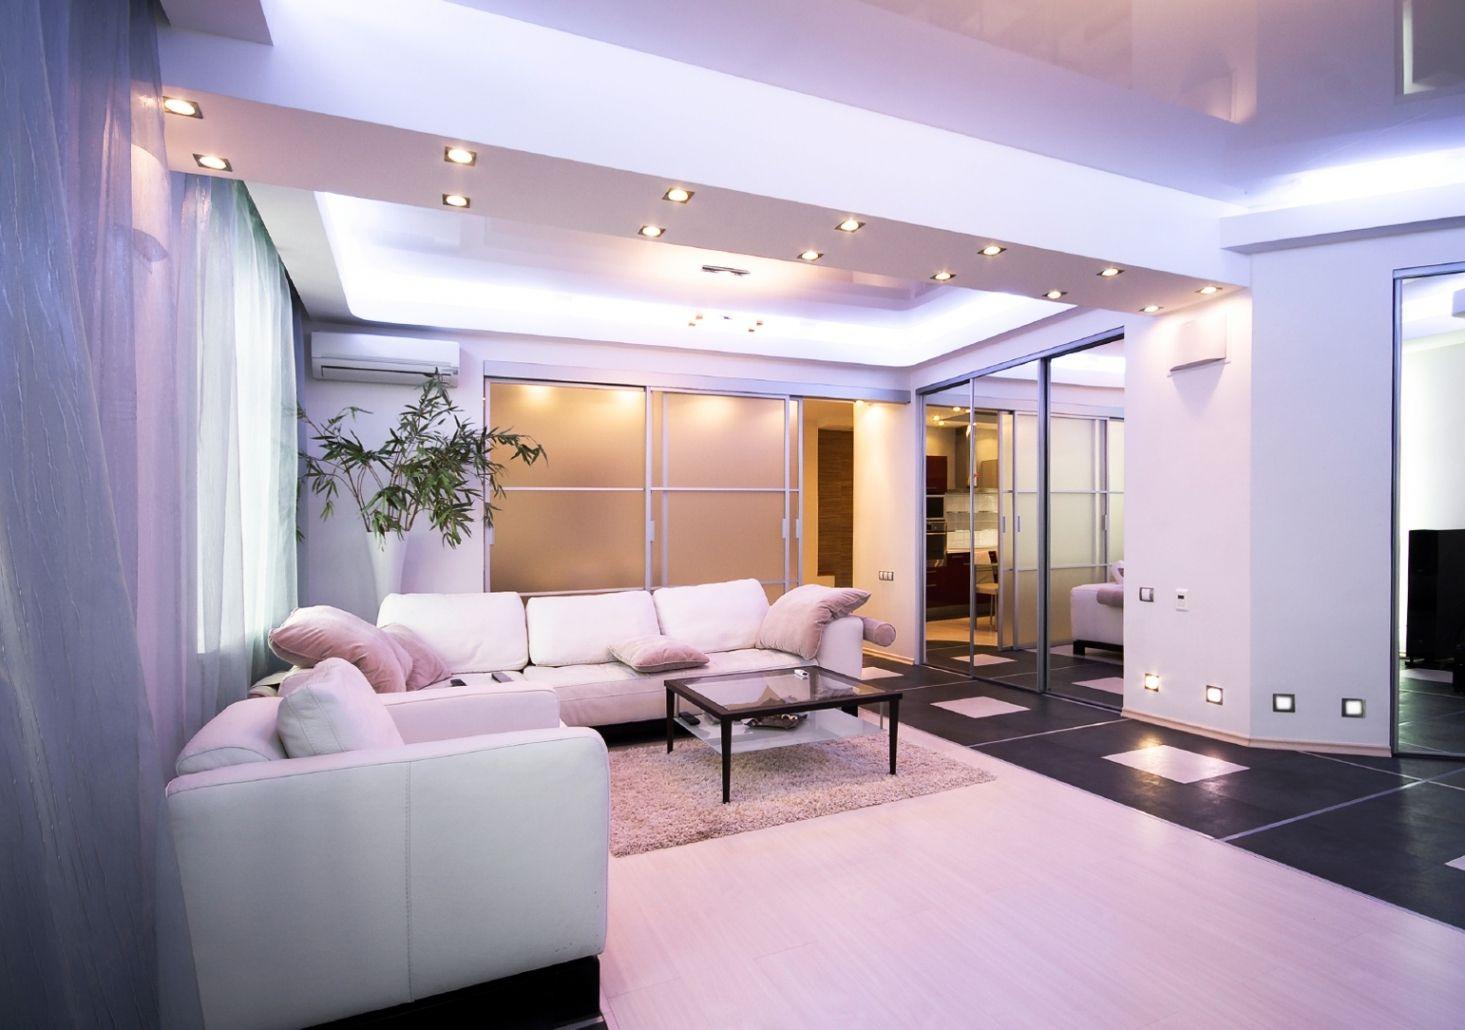 Schön Wohnzimmer Beleuchtung Ideen